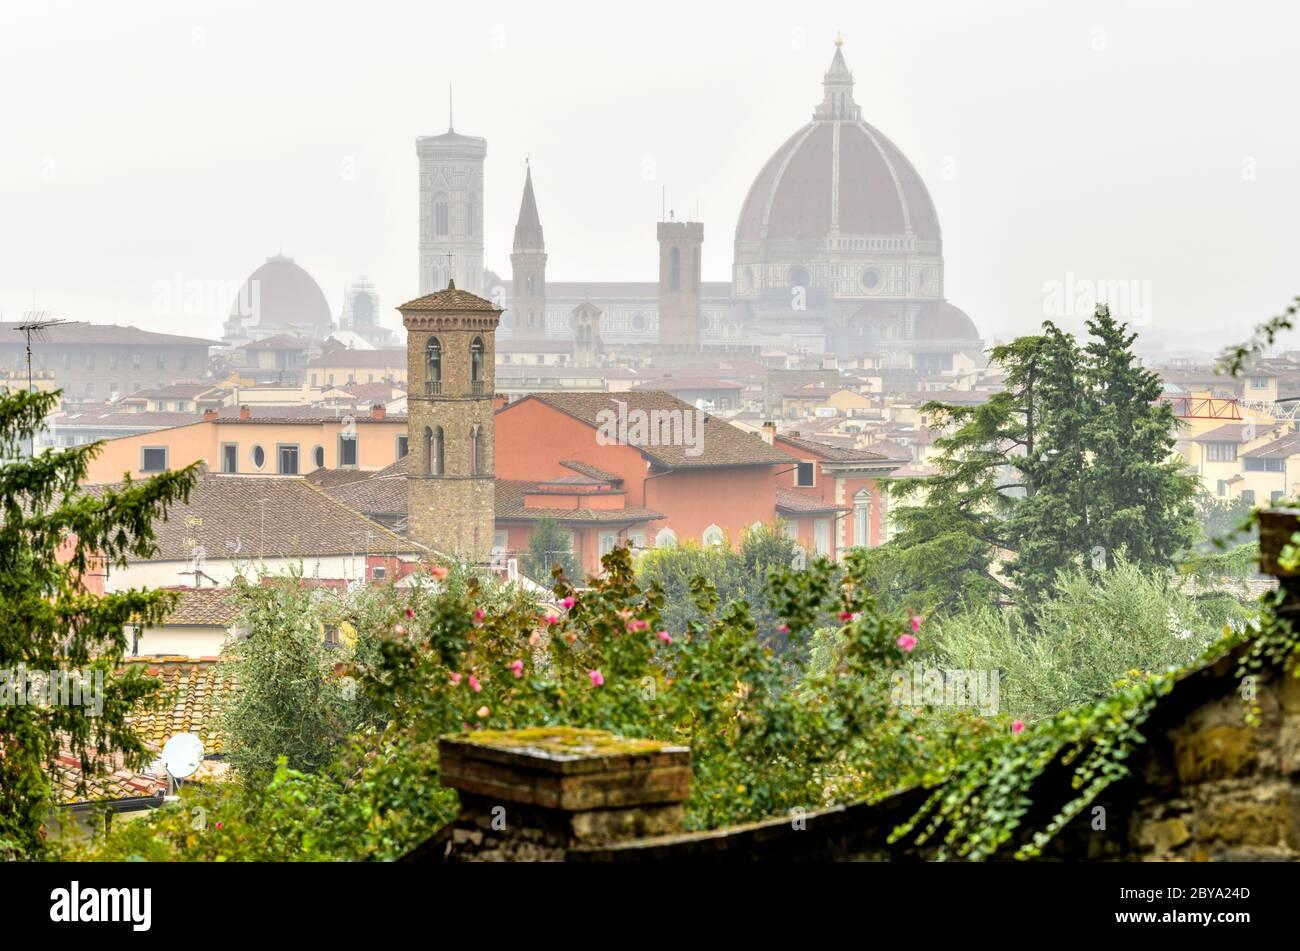 Florence in the Rain - UNE vue pluvieuse et brumeuse de jour d'automne sur la ligne d'horizon de la cathédrale de Florence dans la vieille ville historique de Florence. Toscane, Italie. Banque D'Images